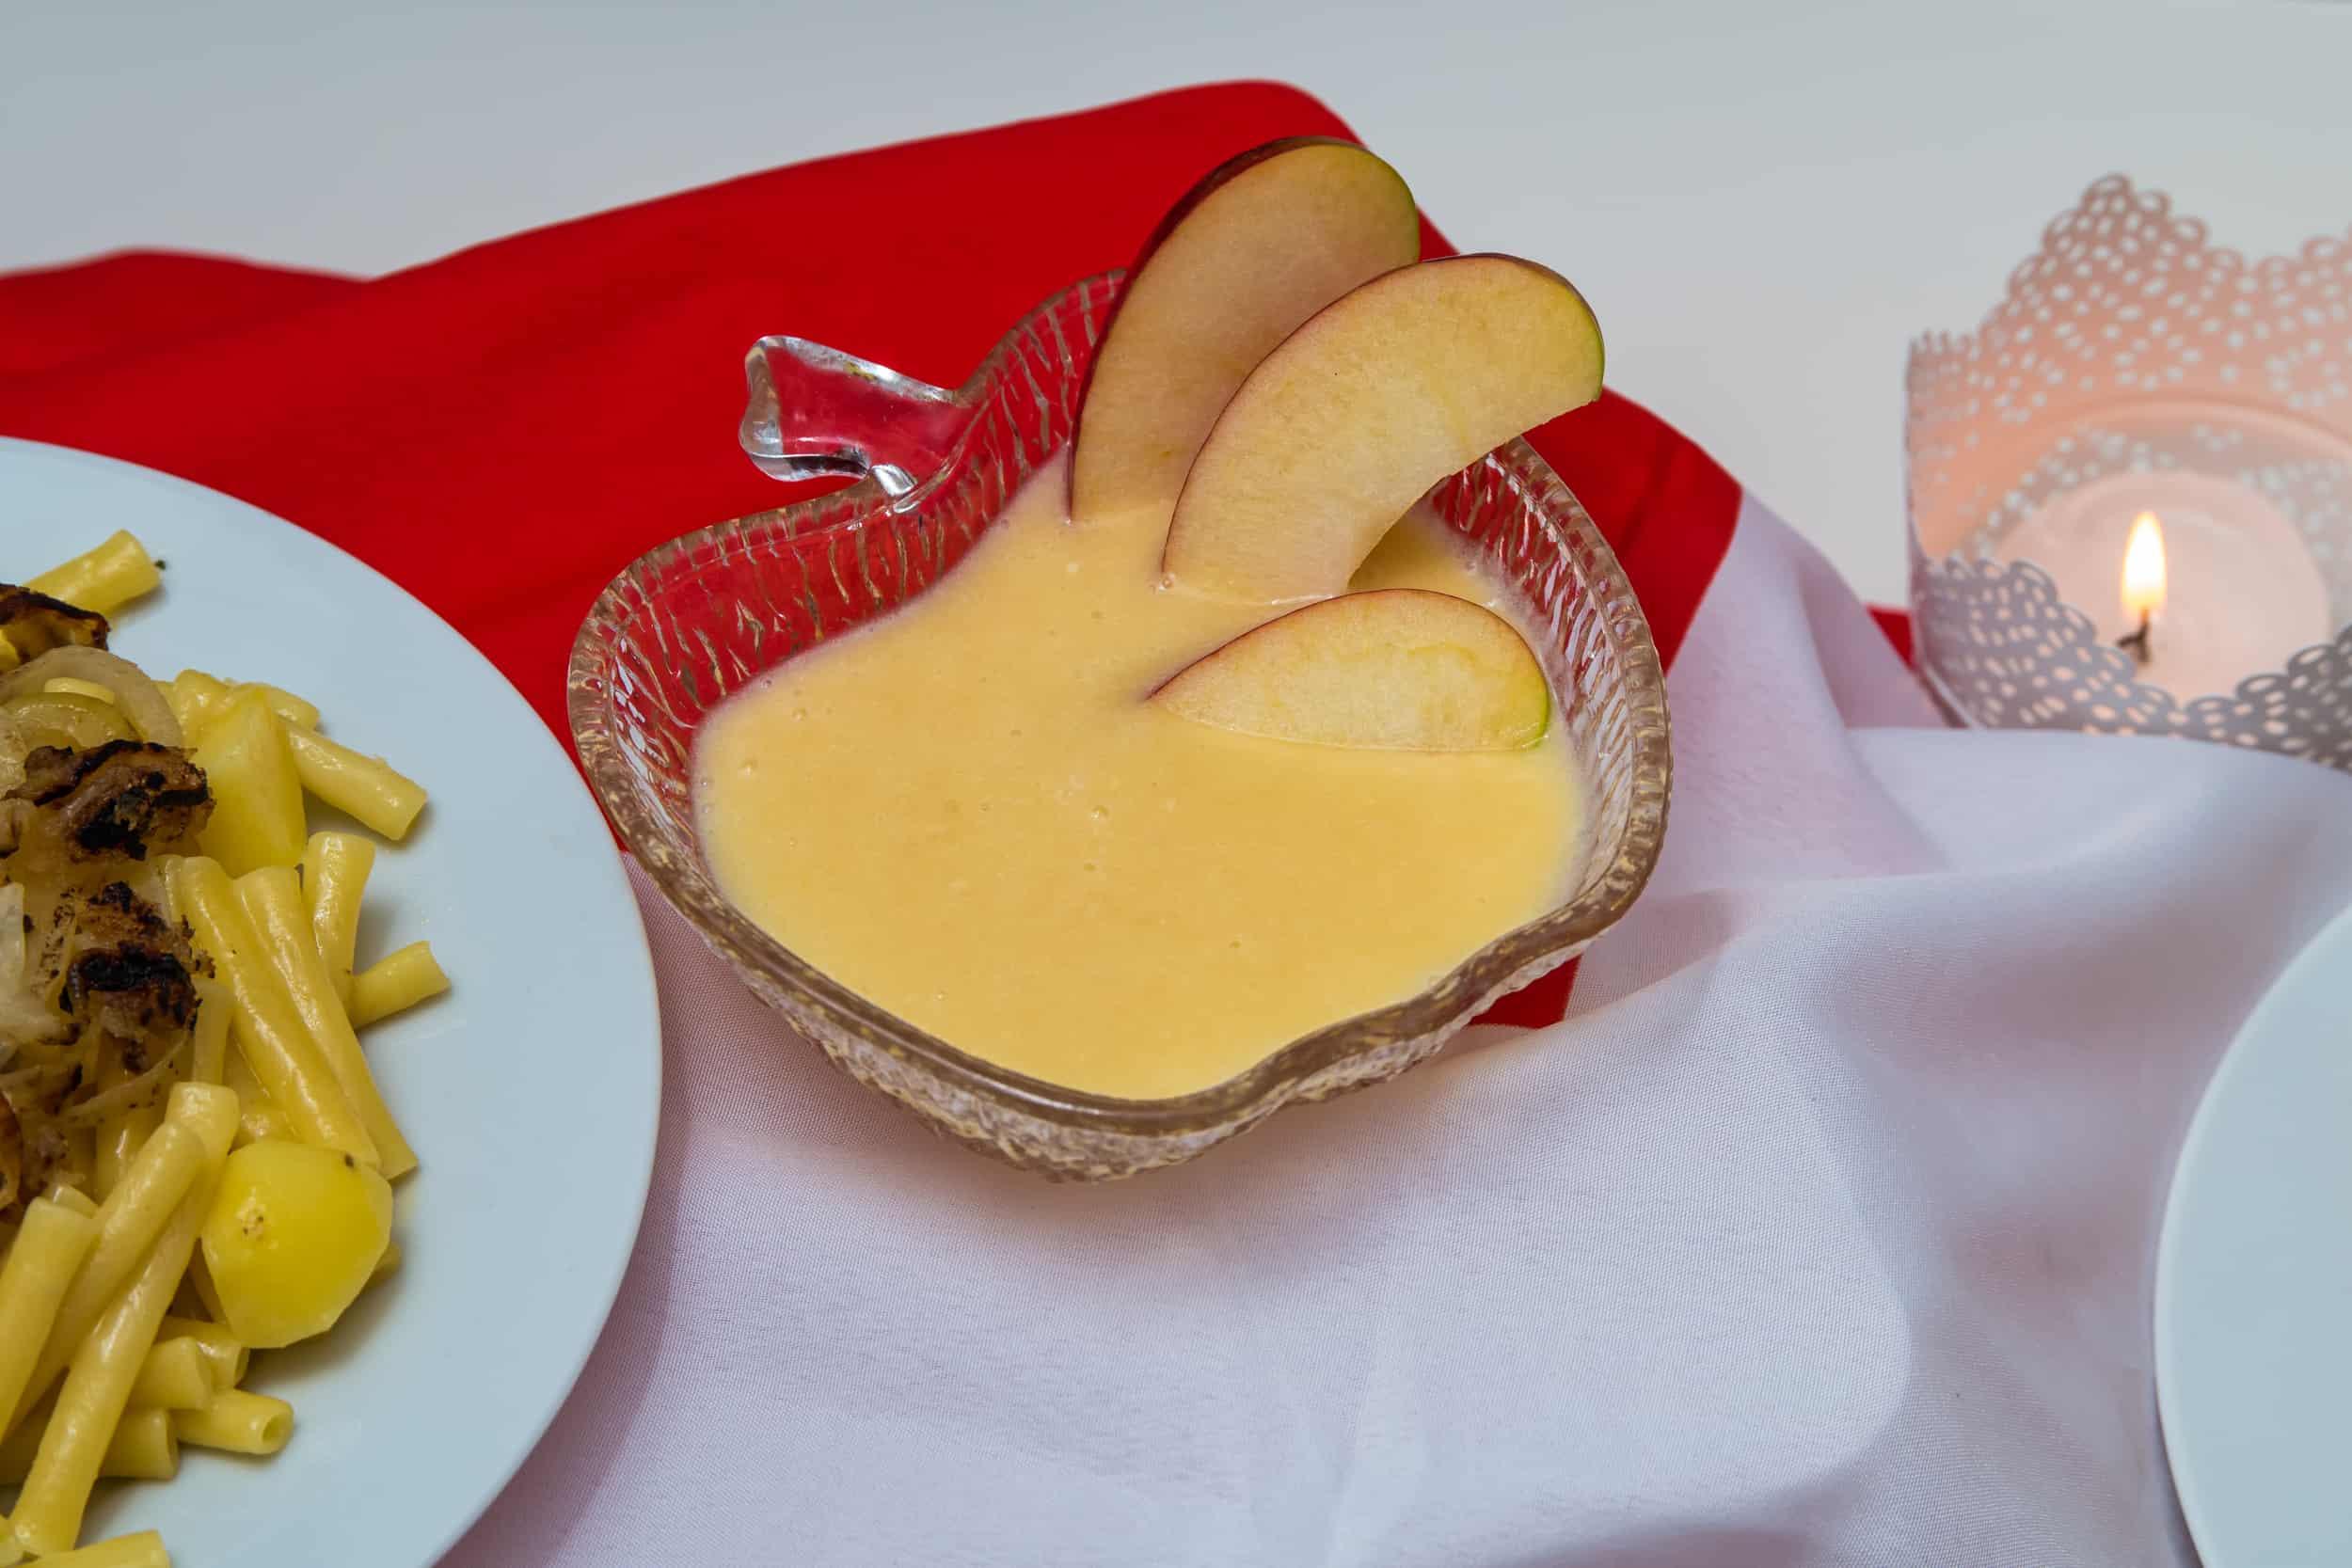 Das fertige Apfelcrème Rezept